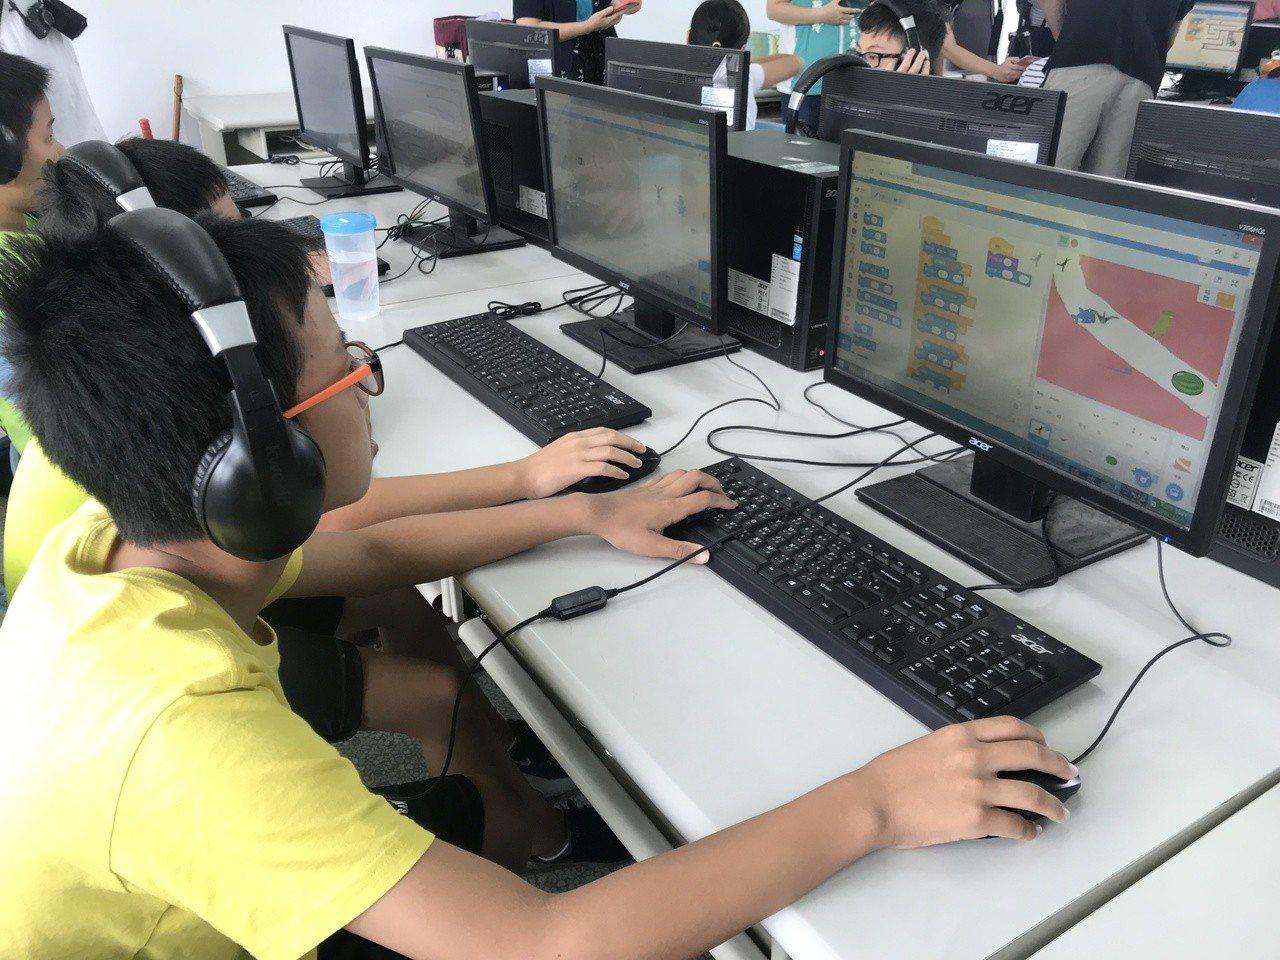 「科丁教育」今天在北辰國小電腦教室開訓,小朋友開心玩電腦學程式。記者蔡維斌/攝影